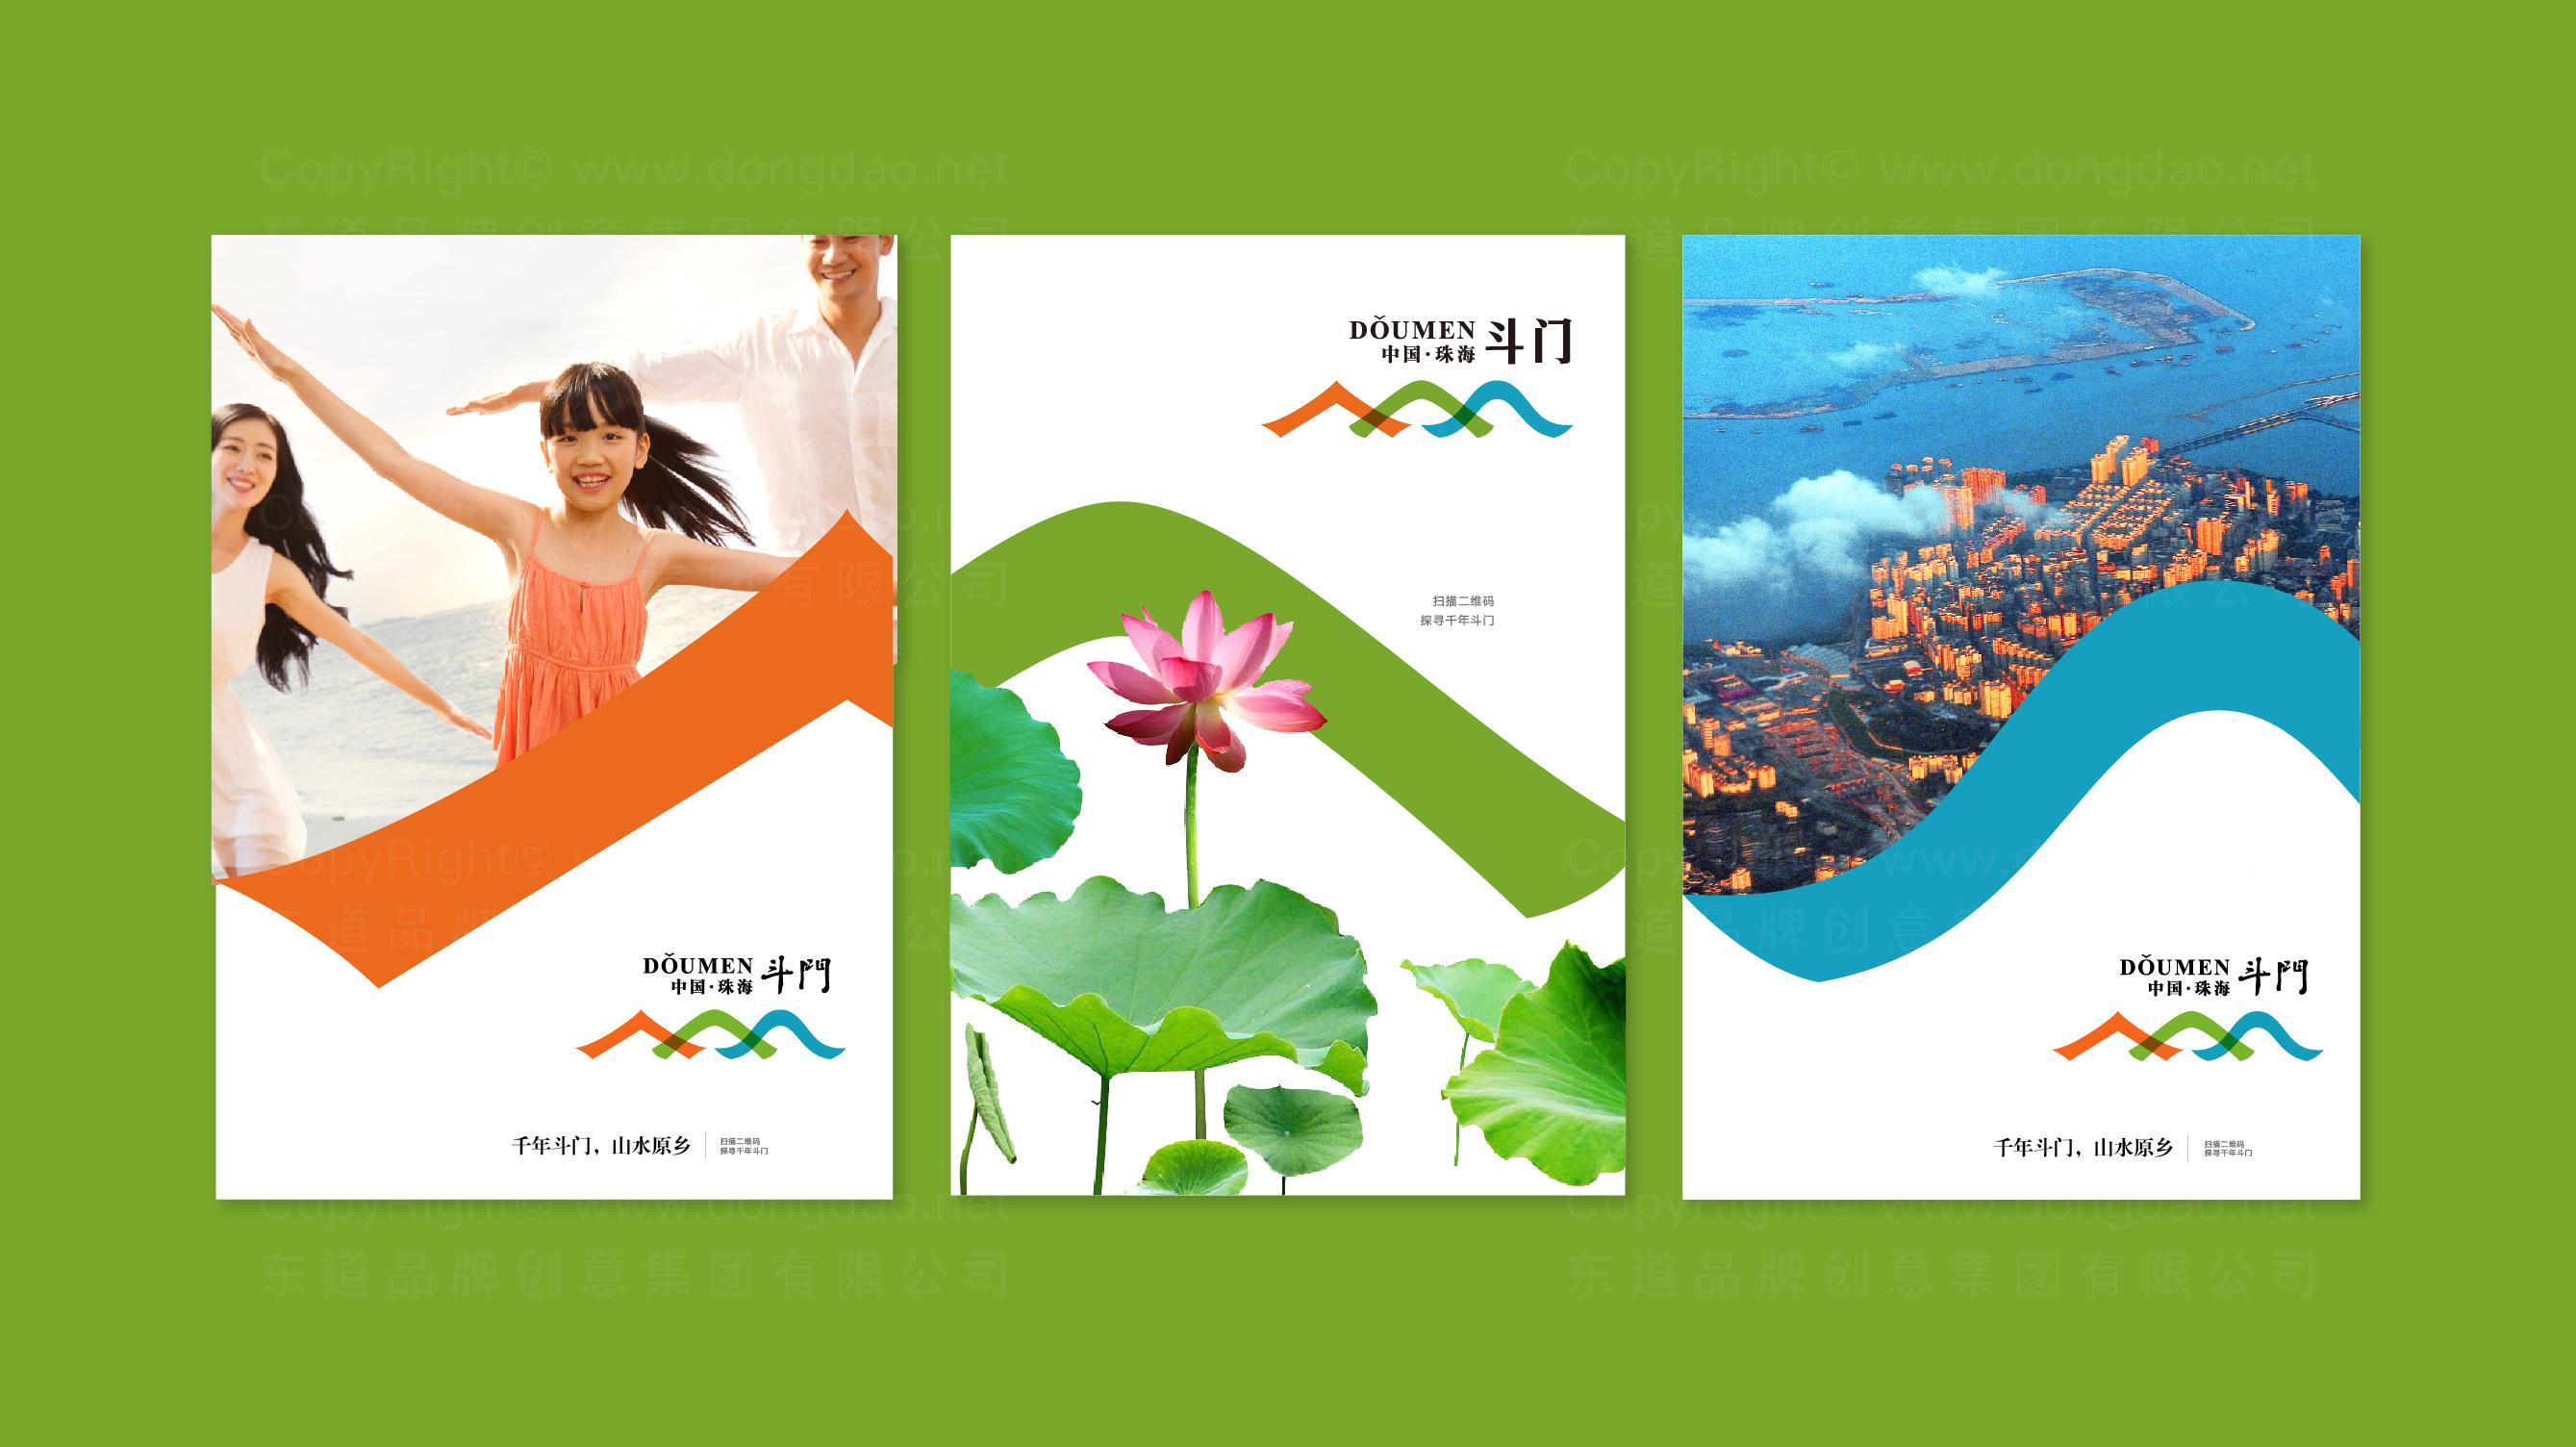 旅游局logo设计、vi设计应用场景_1